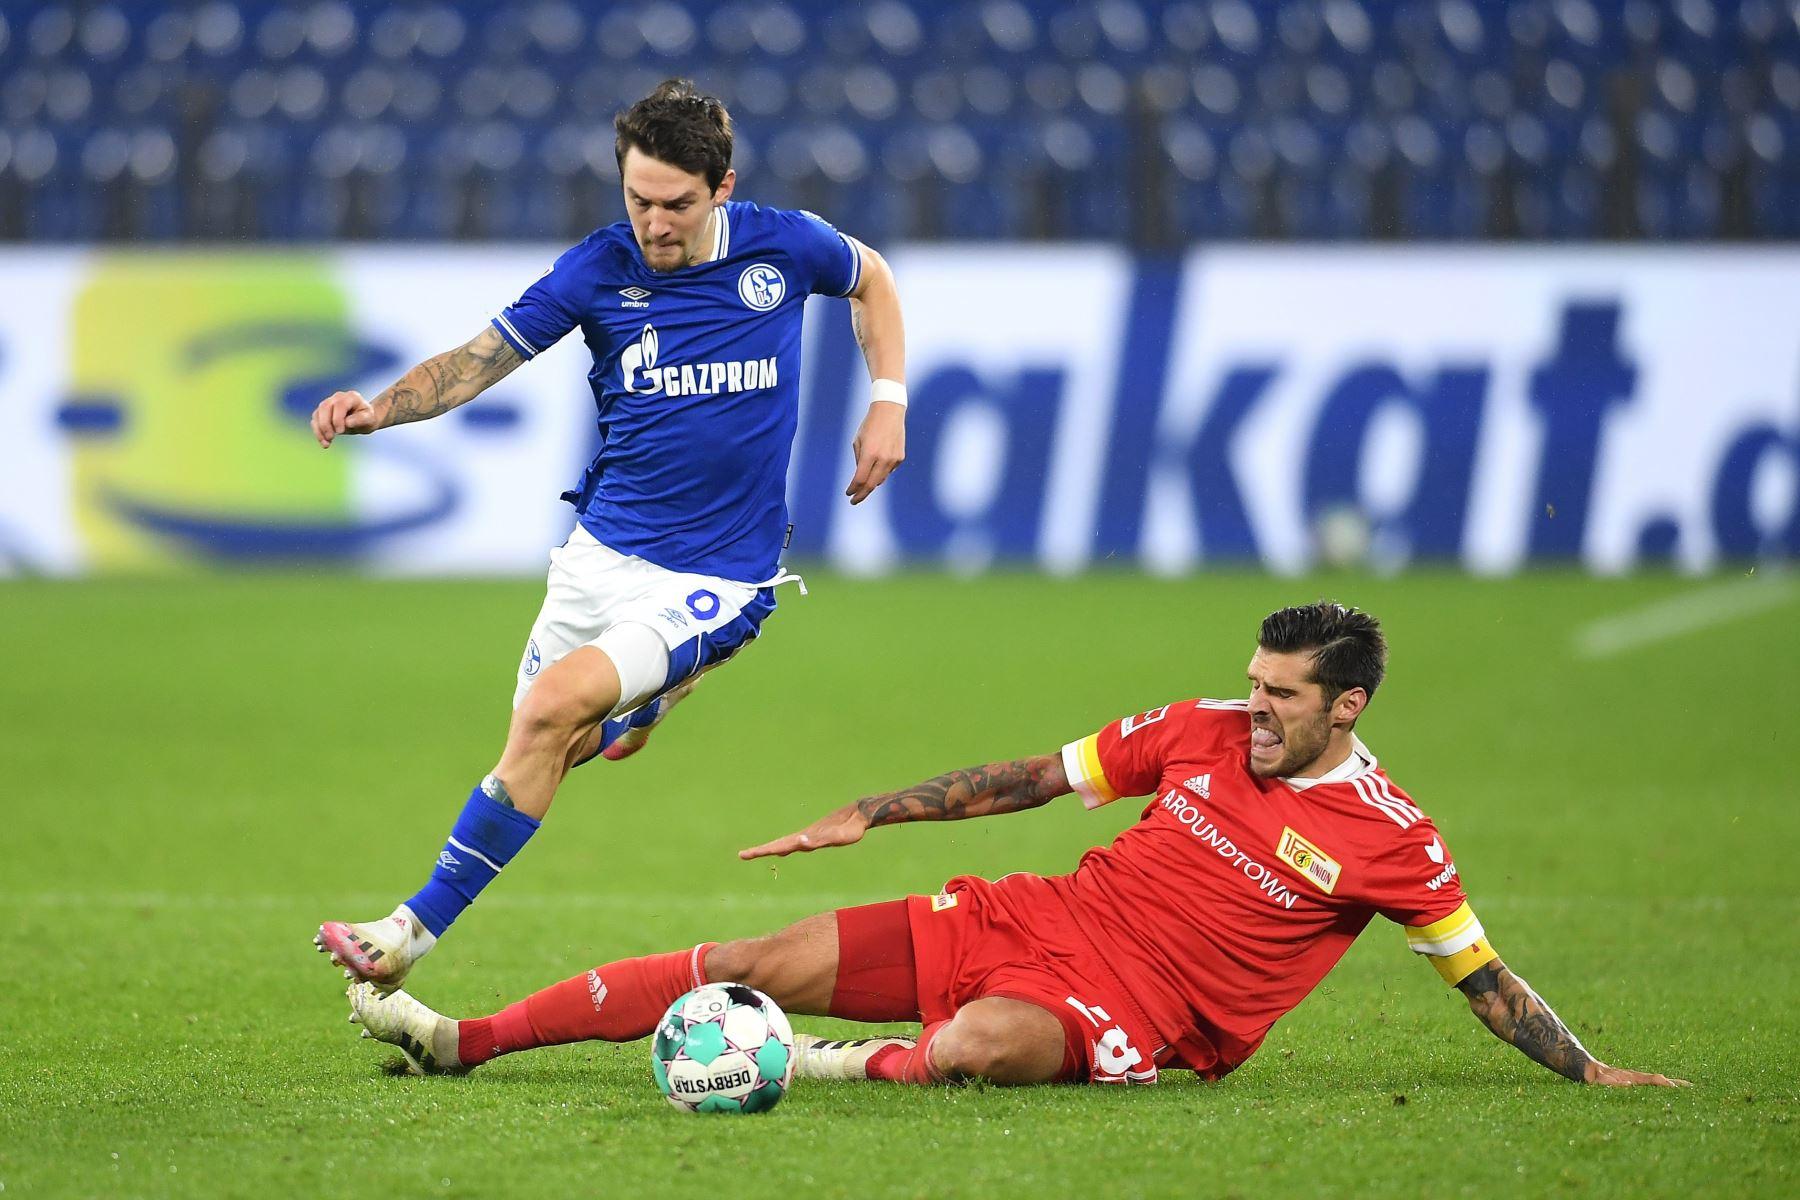 Benito Raman del FC Schalke 04 es desafiado por Christopher Trimmel del FC Union Berlin durante el partido de la Bundesliga en el Veltins-Arena en Gelsenkirchen, Alemania. Foto: EFE